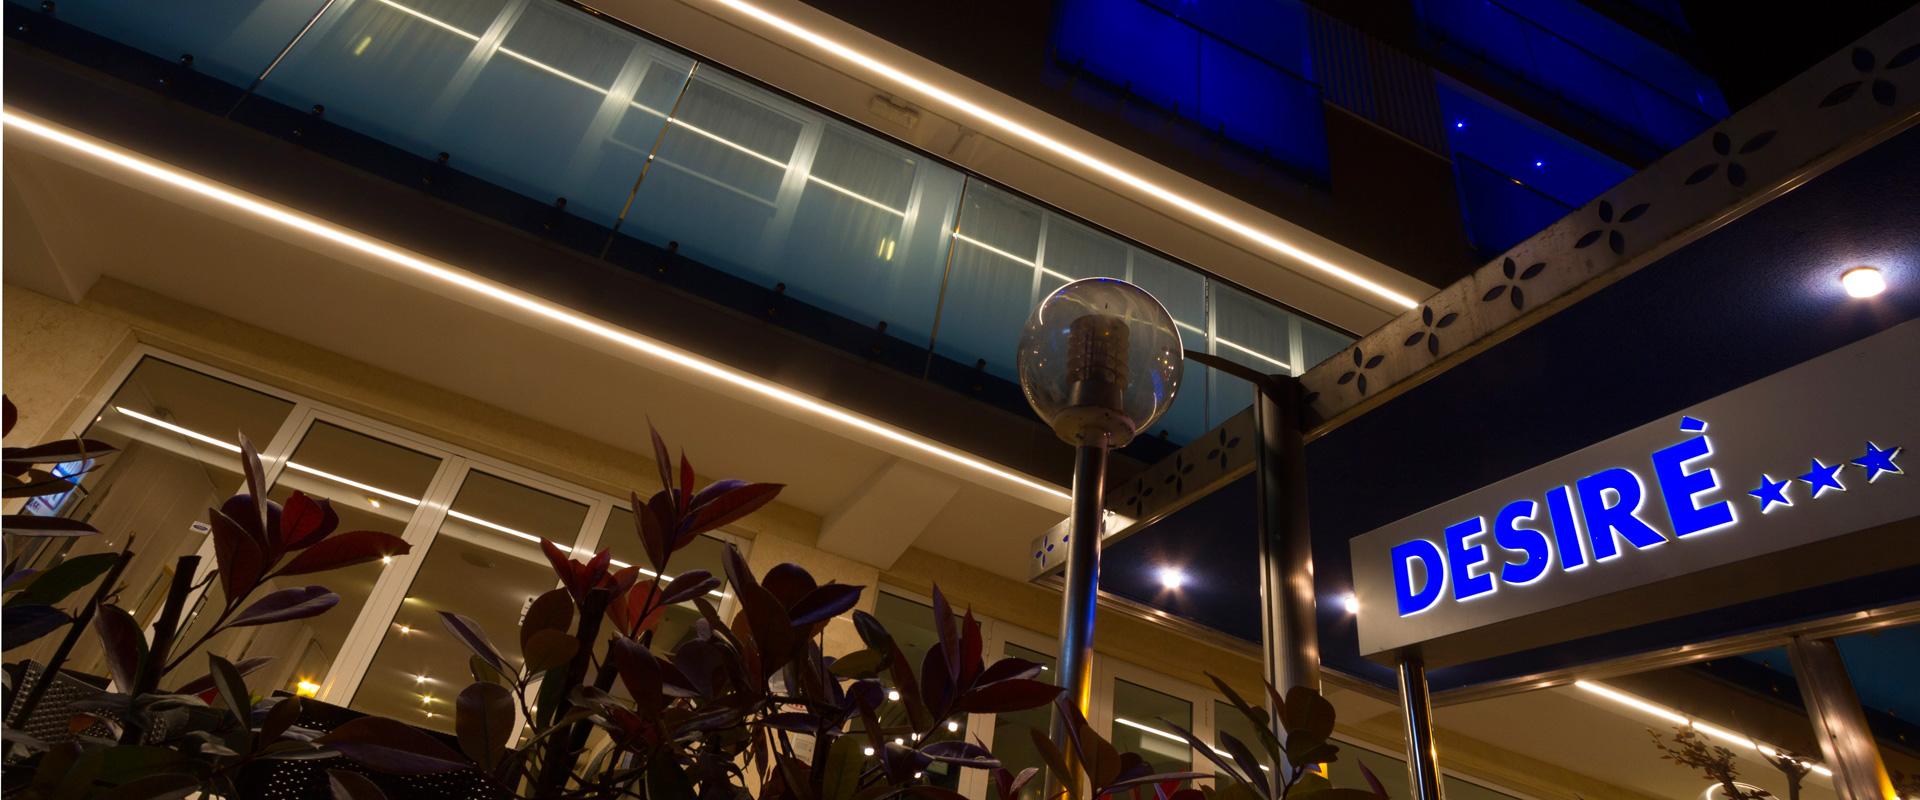 Esterno Hotel Desire Riccione